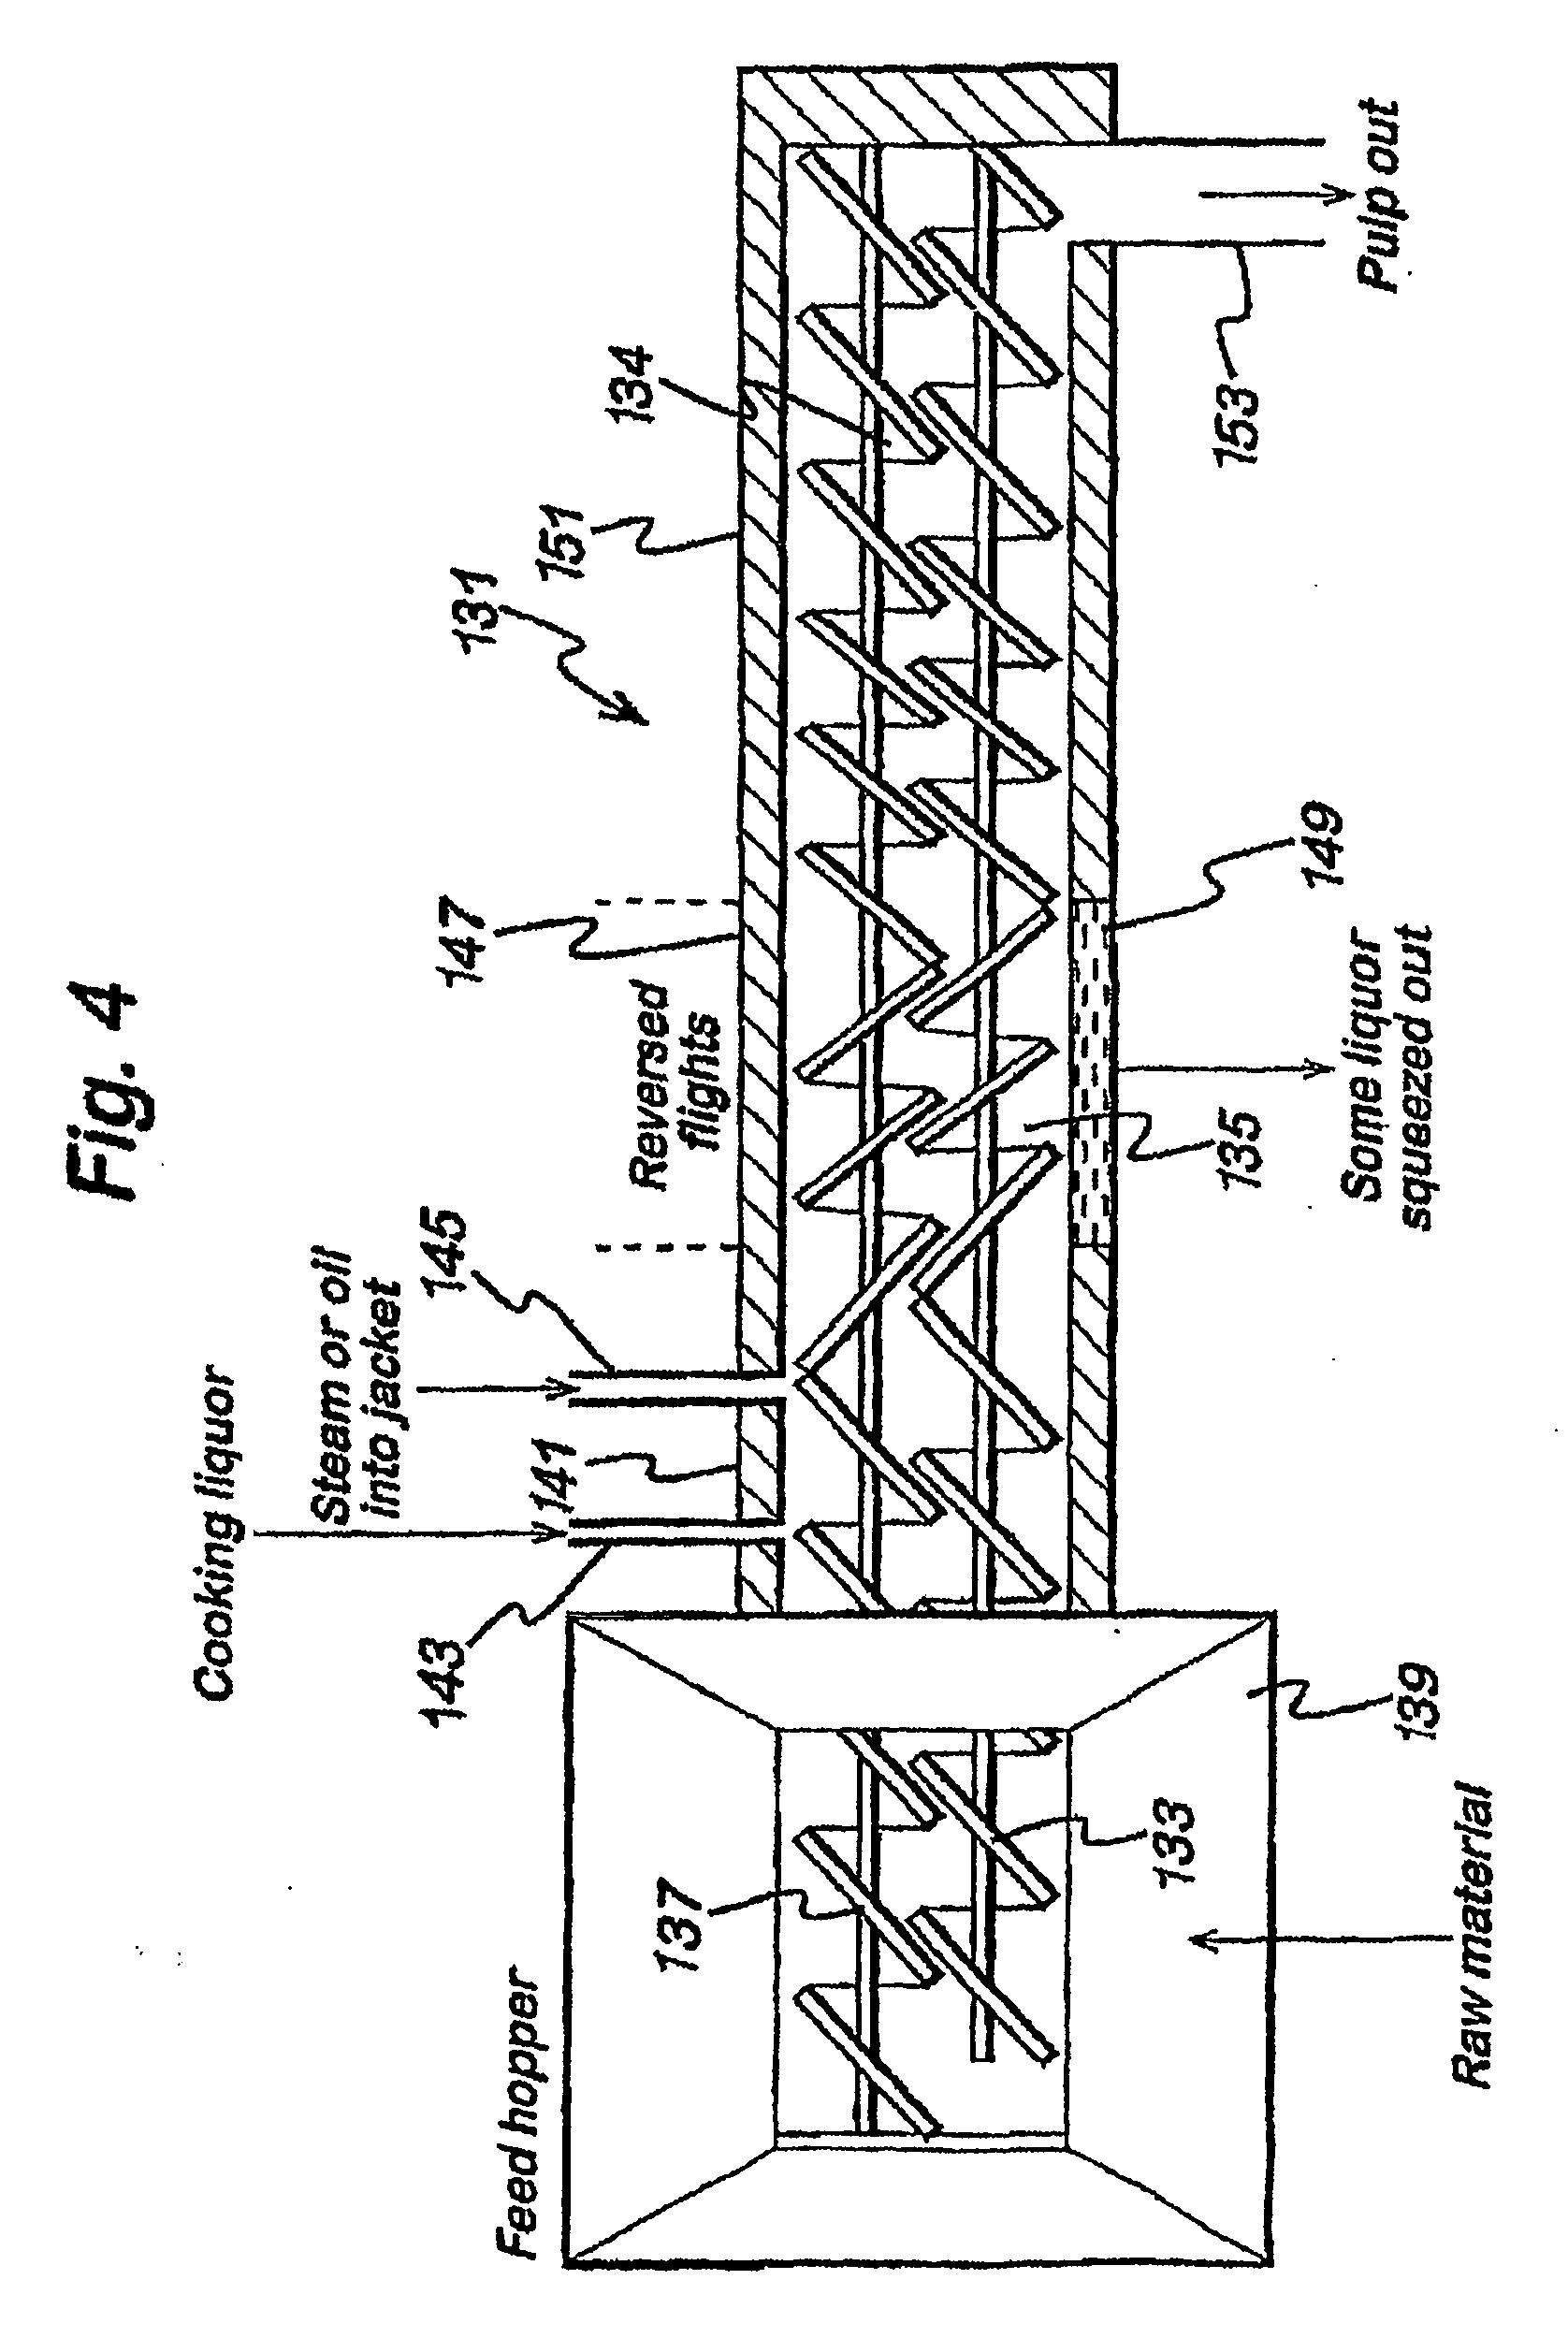 patent us20060201641